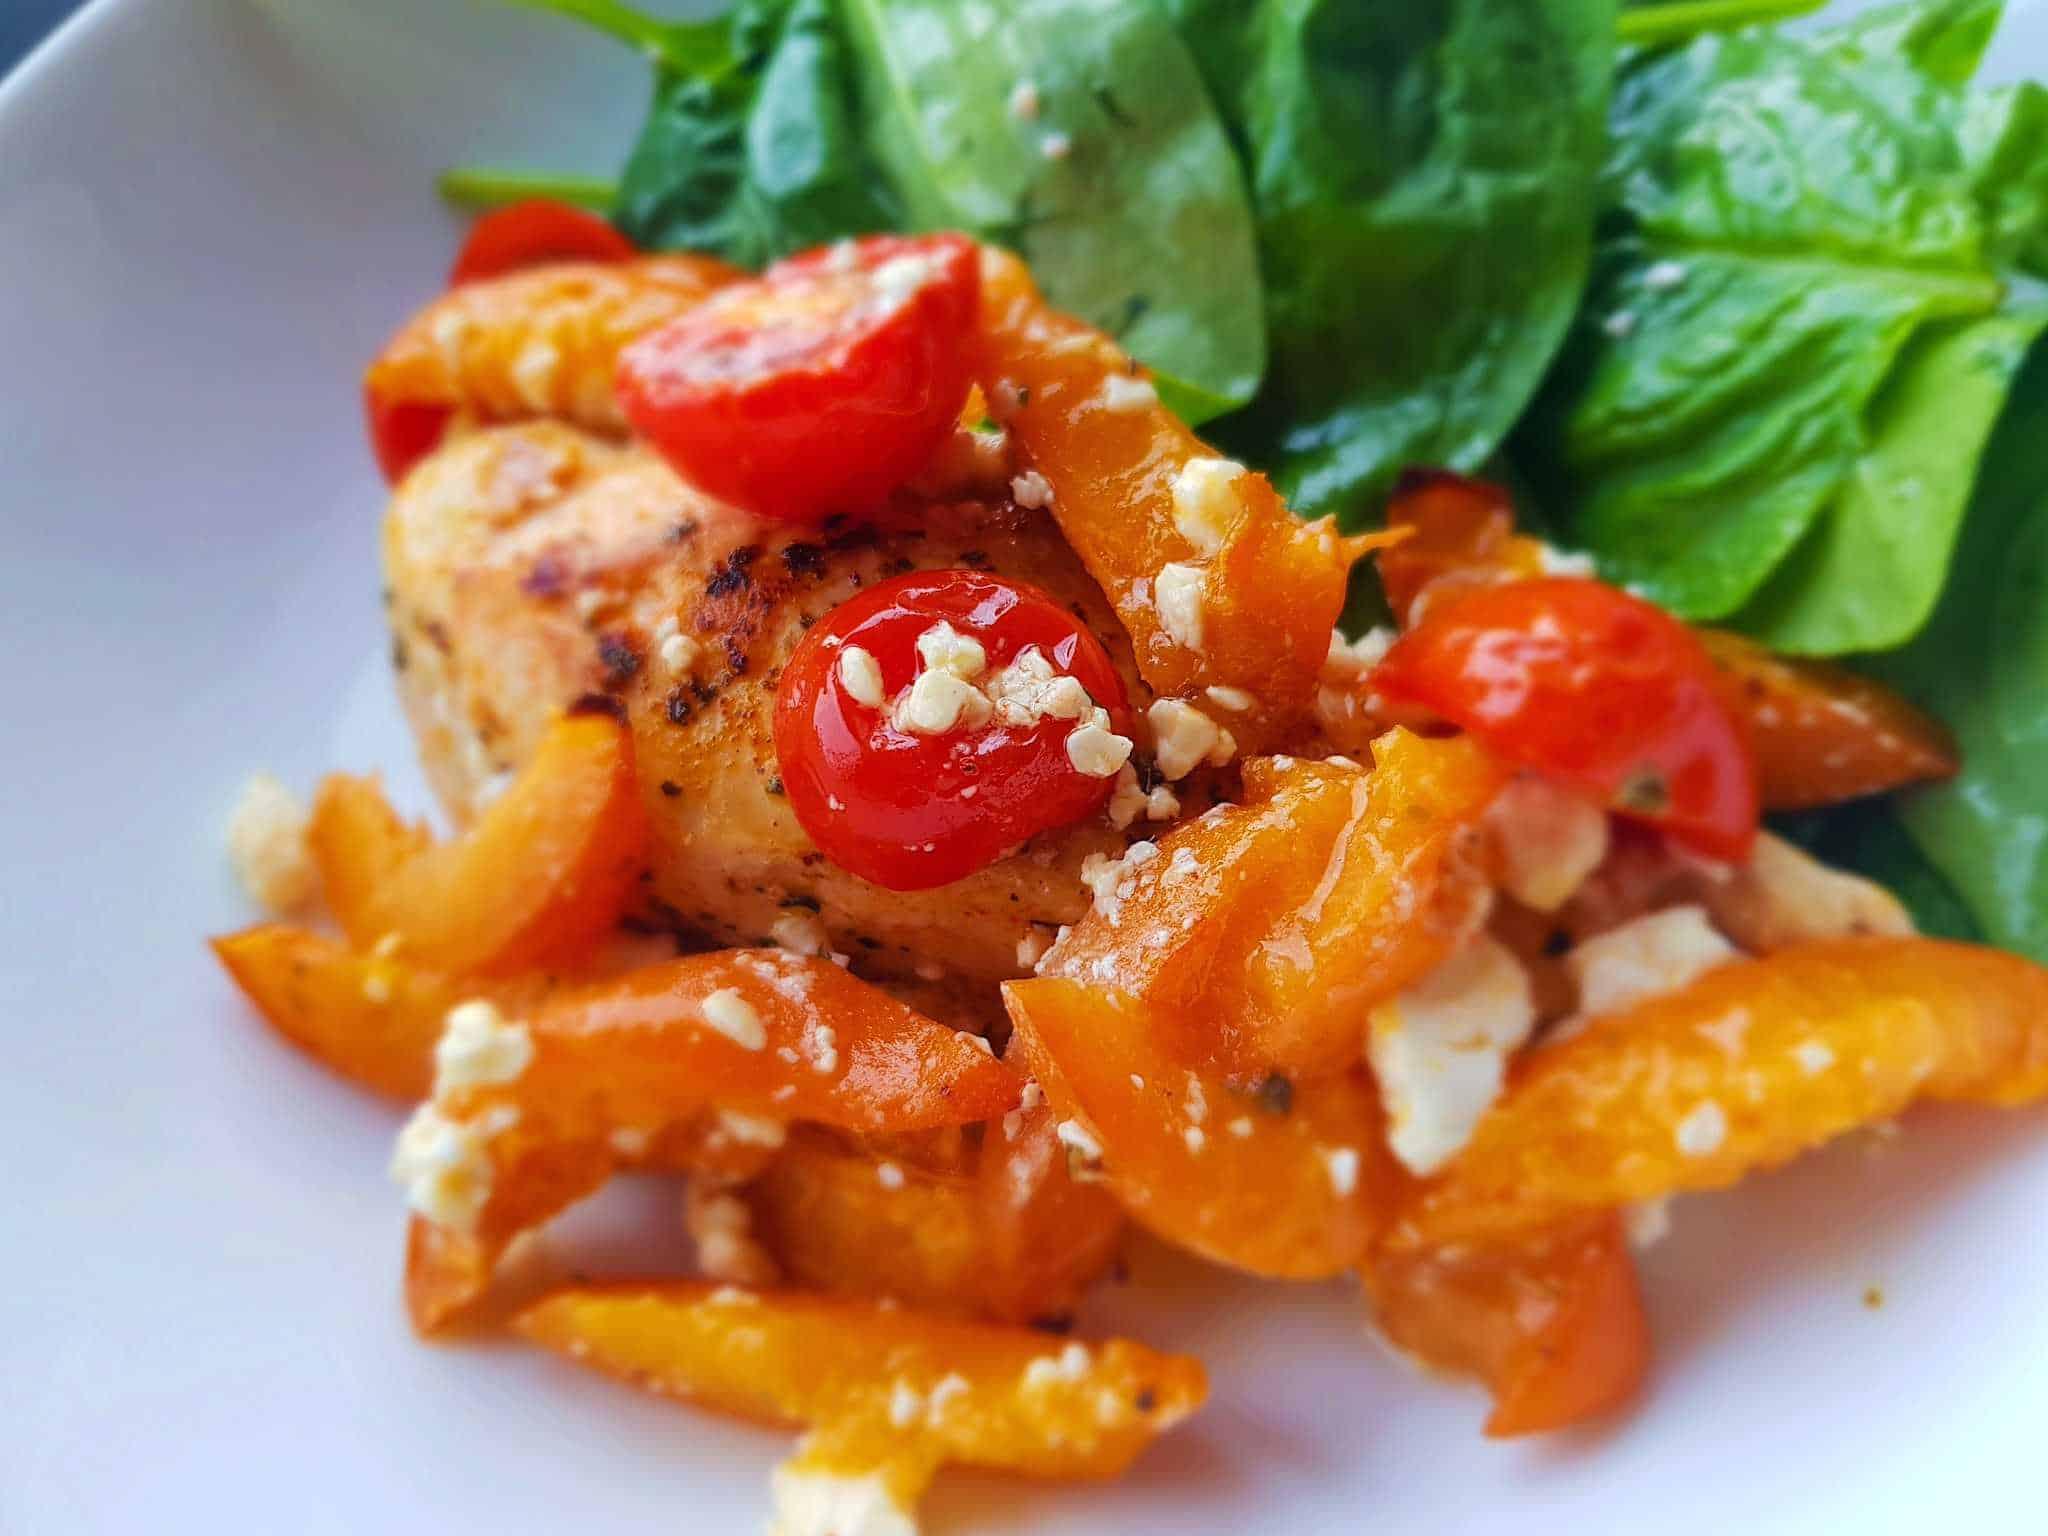 Mediterranean apricot chicken bake